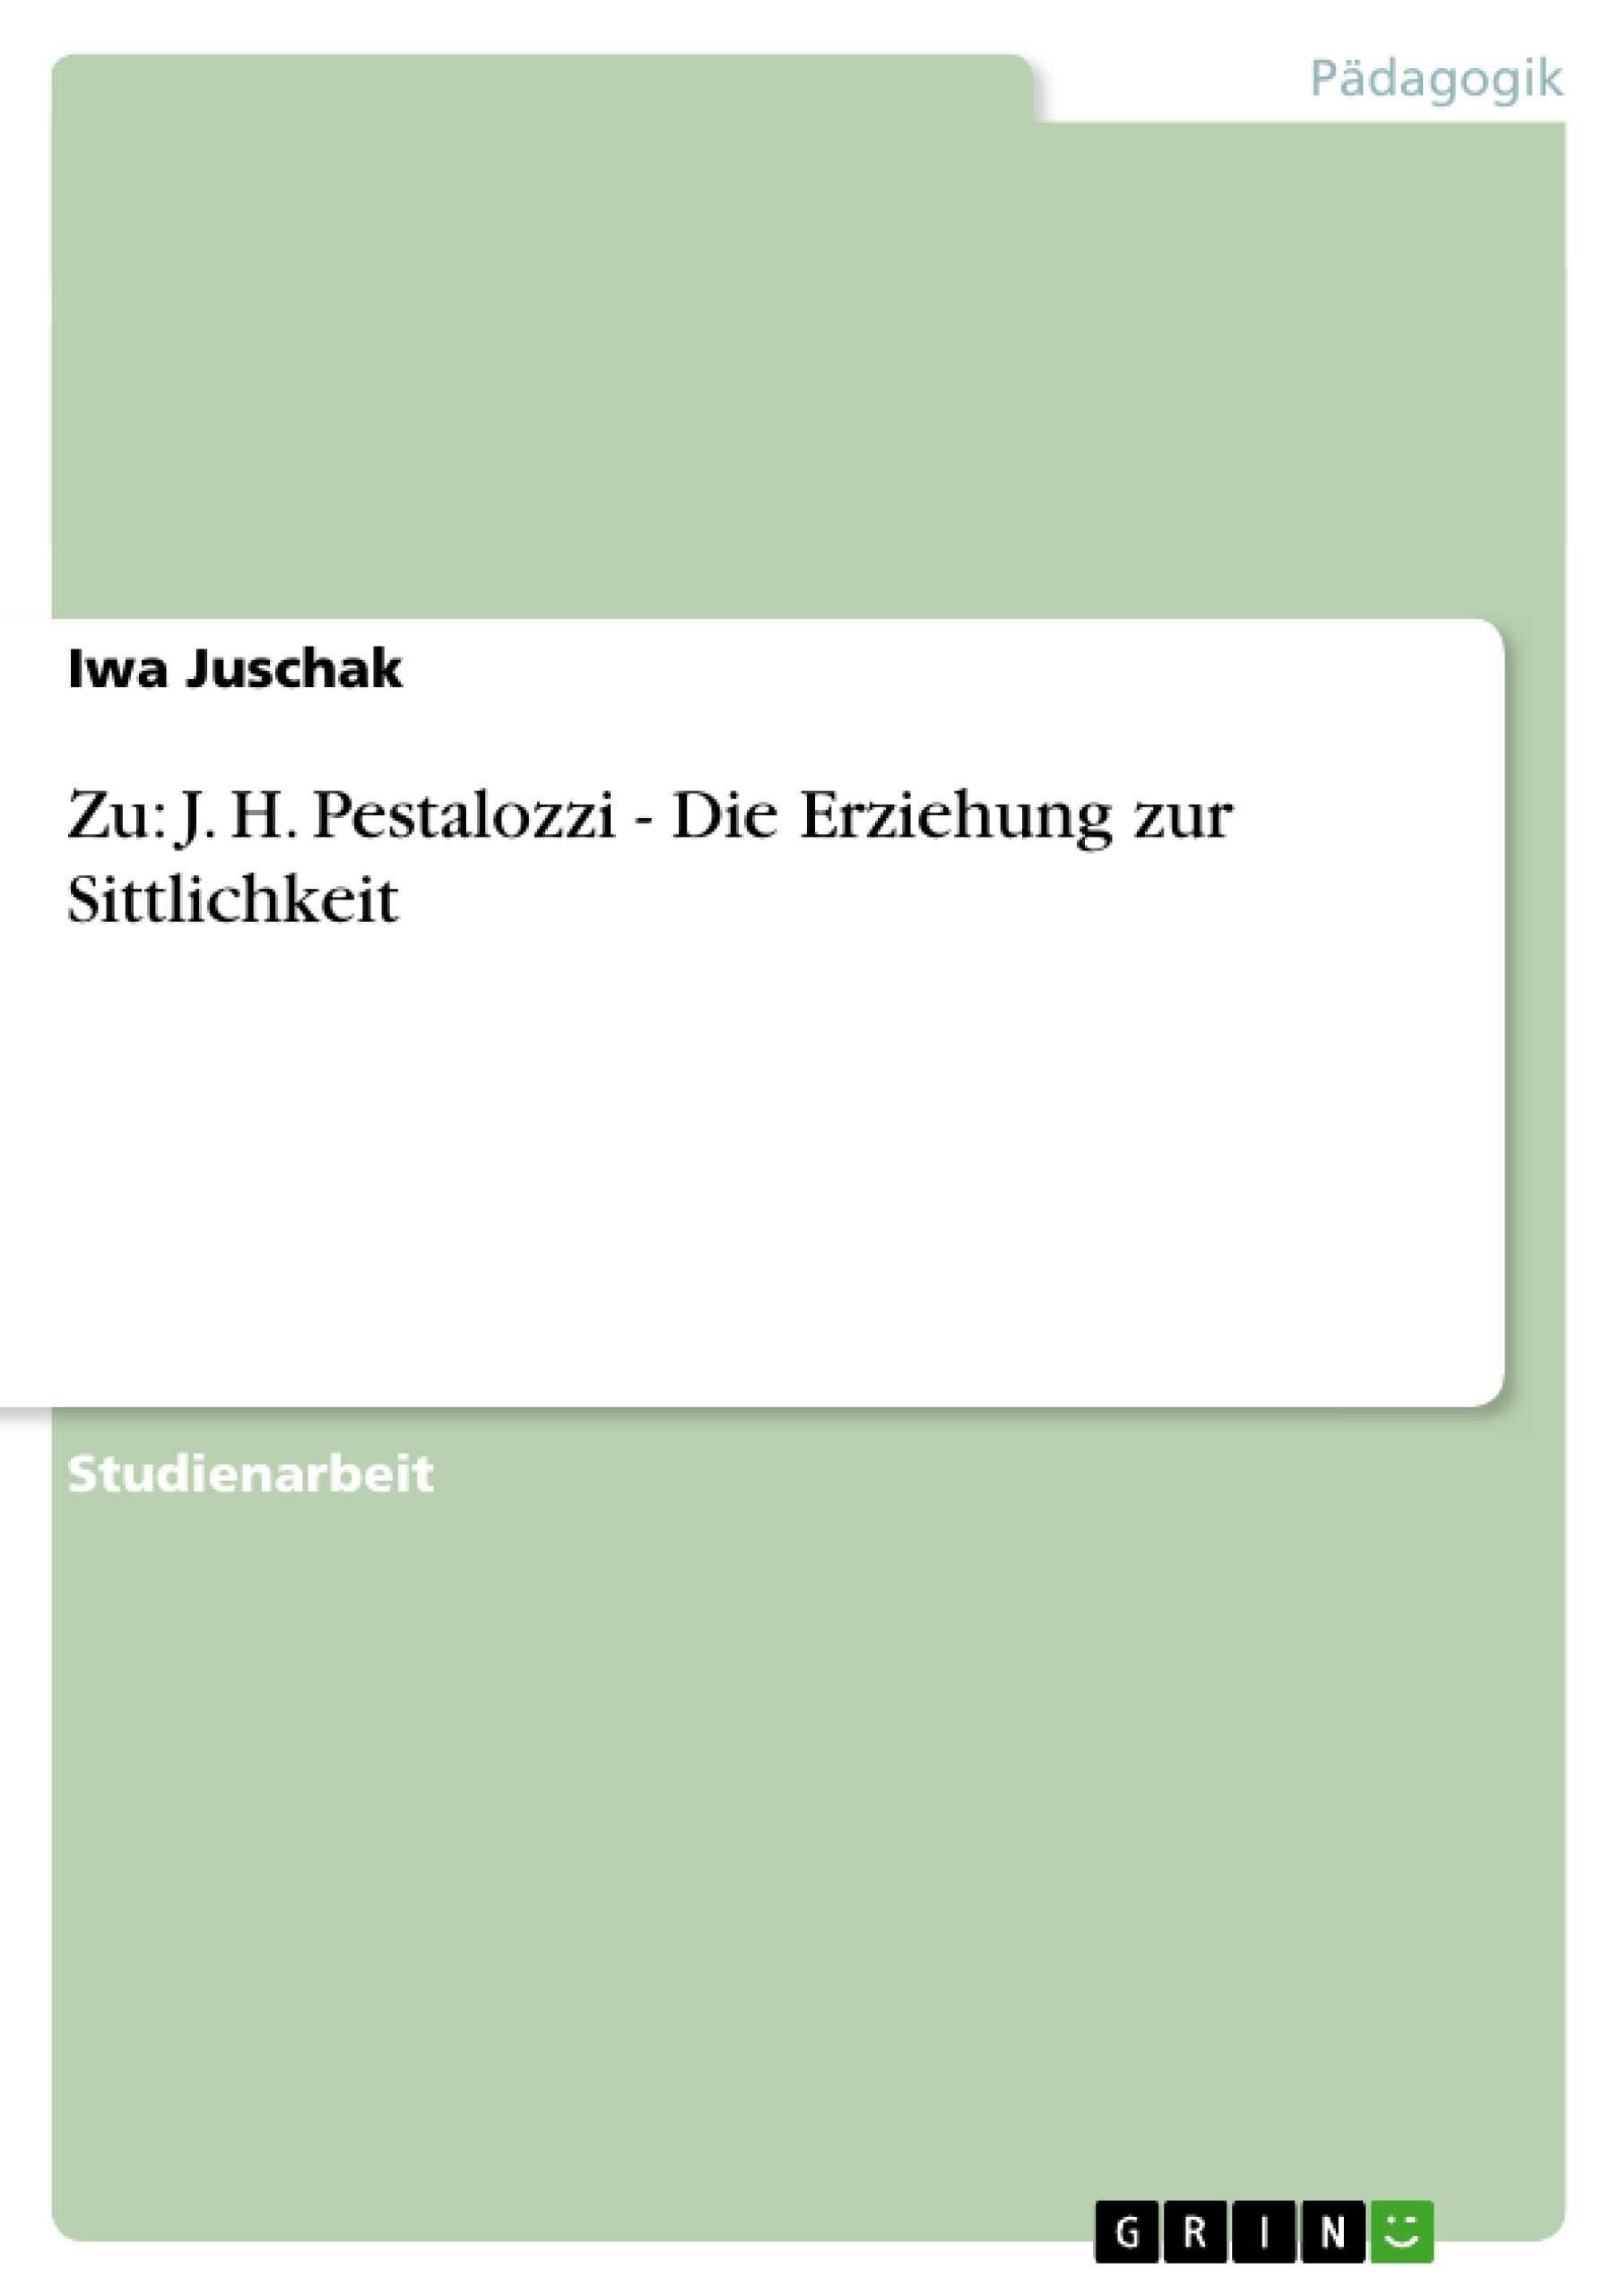 Titel: Zu: J. H. Pestalozzi - Die Erziehung zur Sittlichkeit